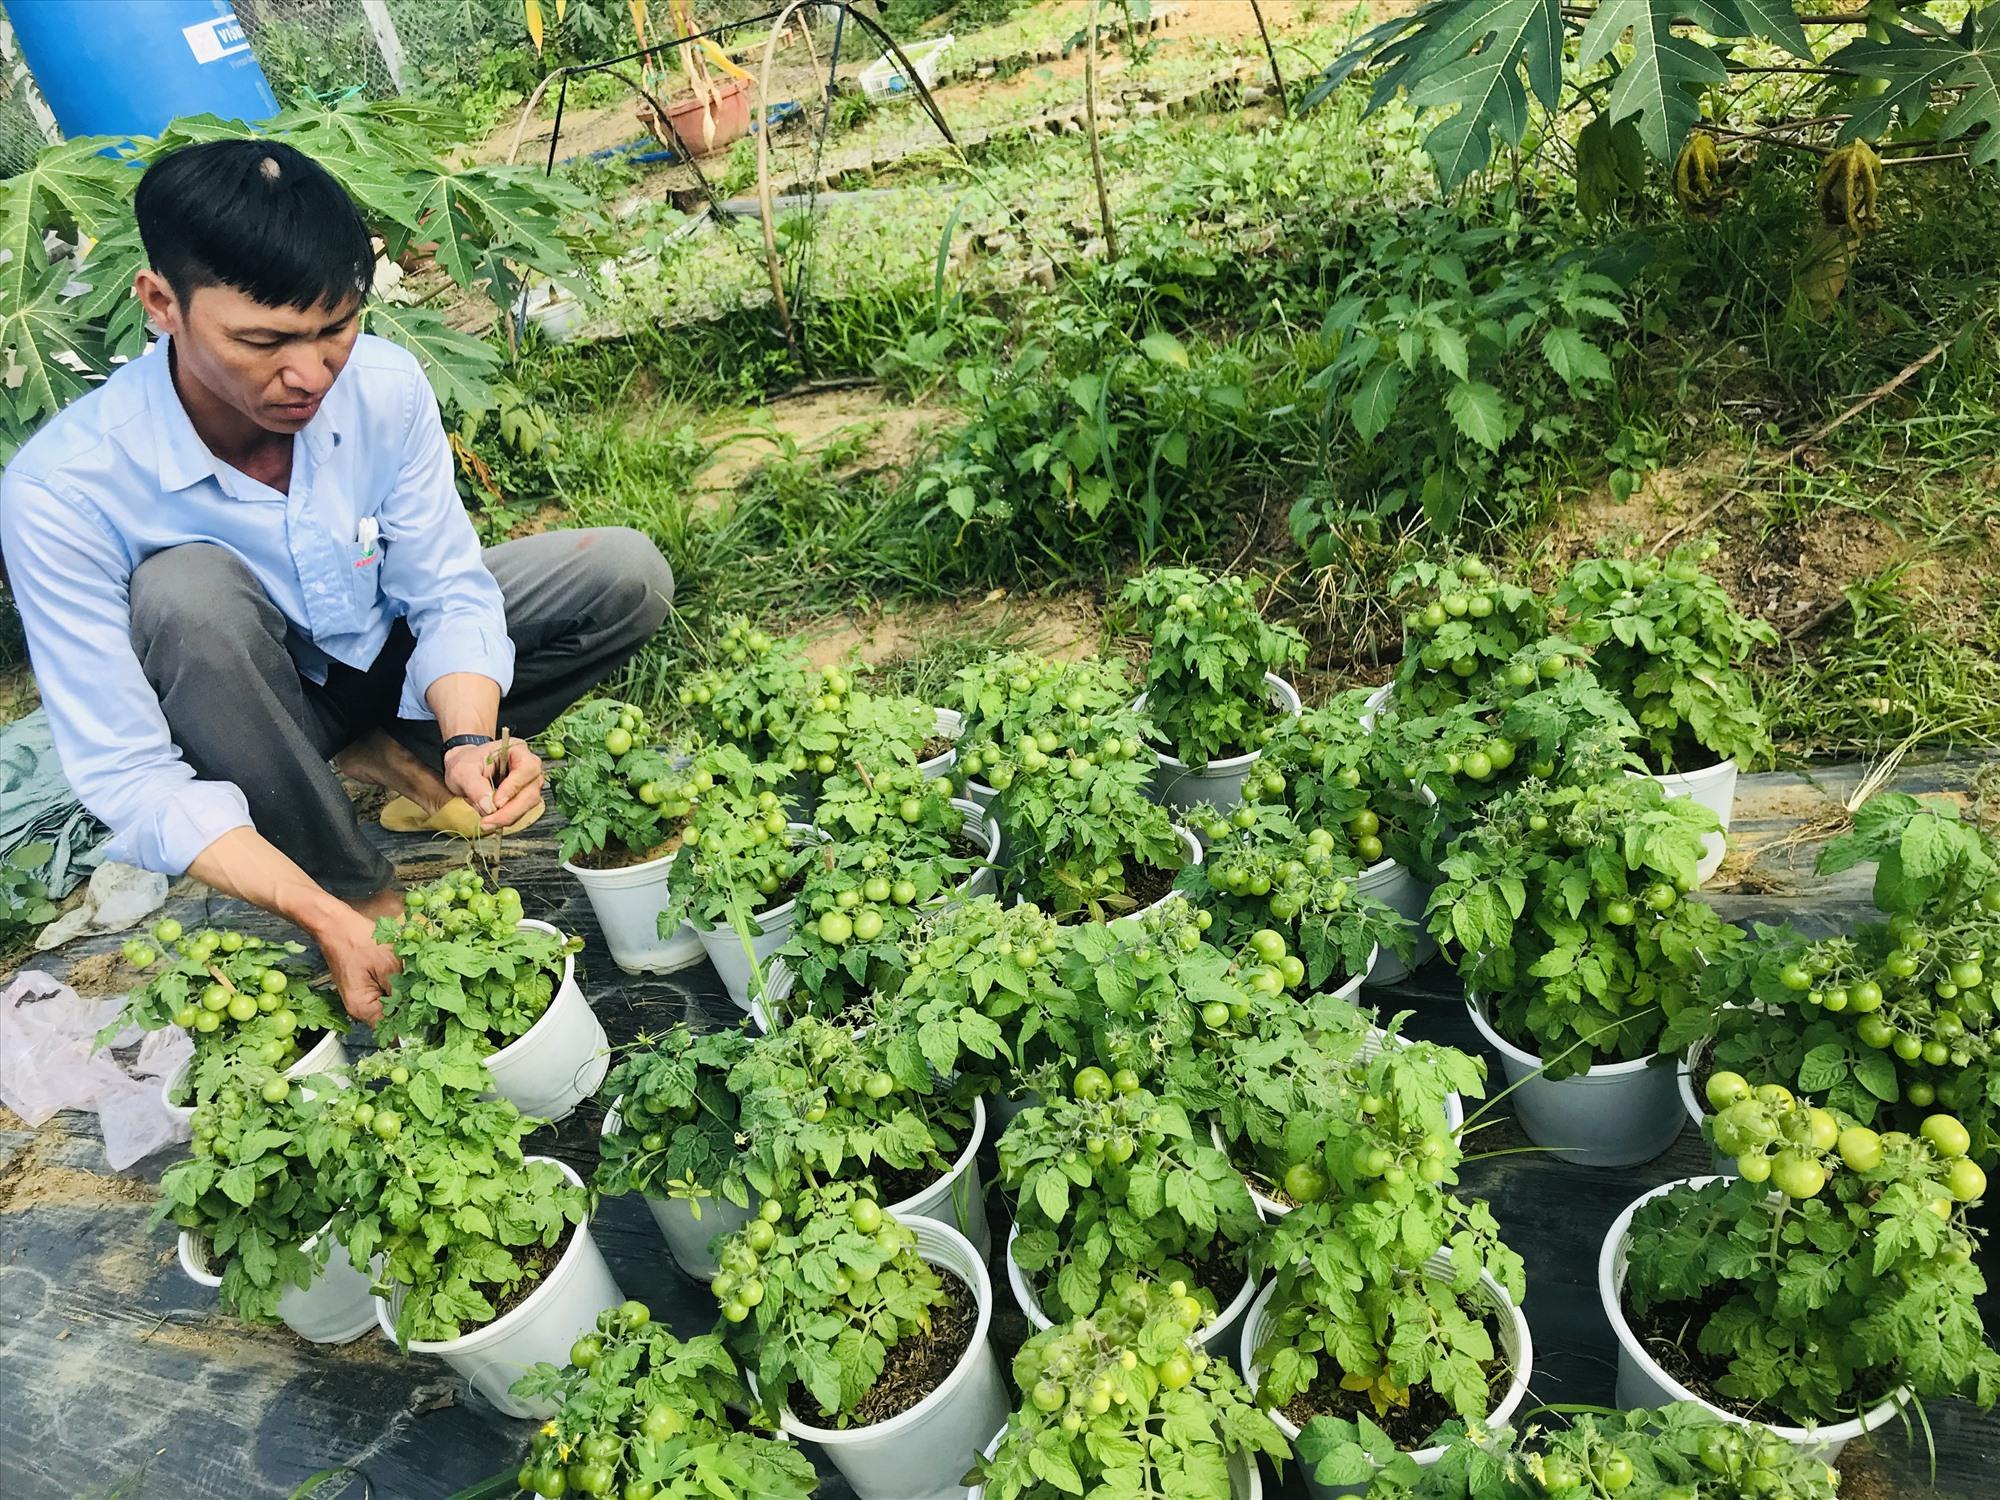 Anh Thành chăm sóc cà chua bi bonsai. Ảnh: C.N